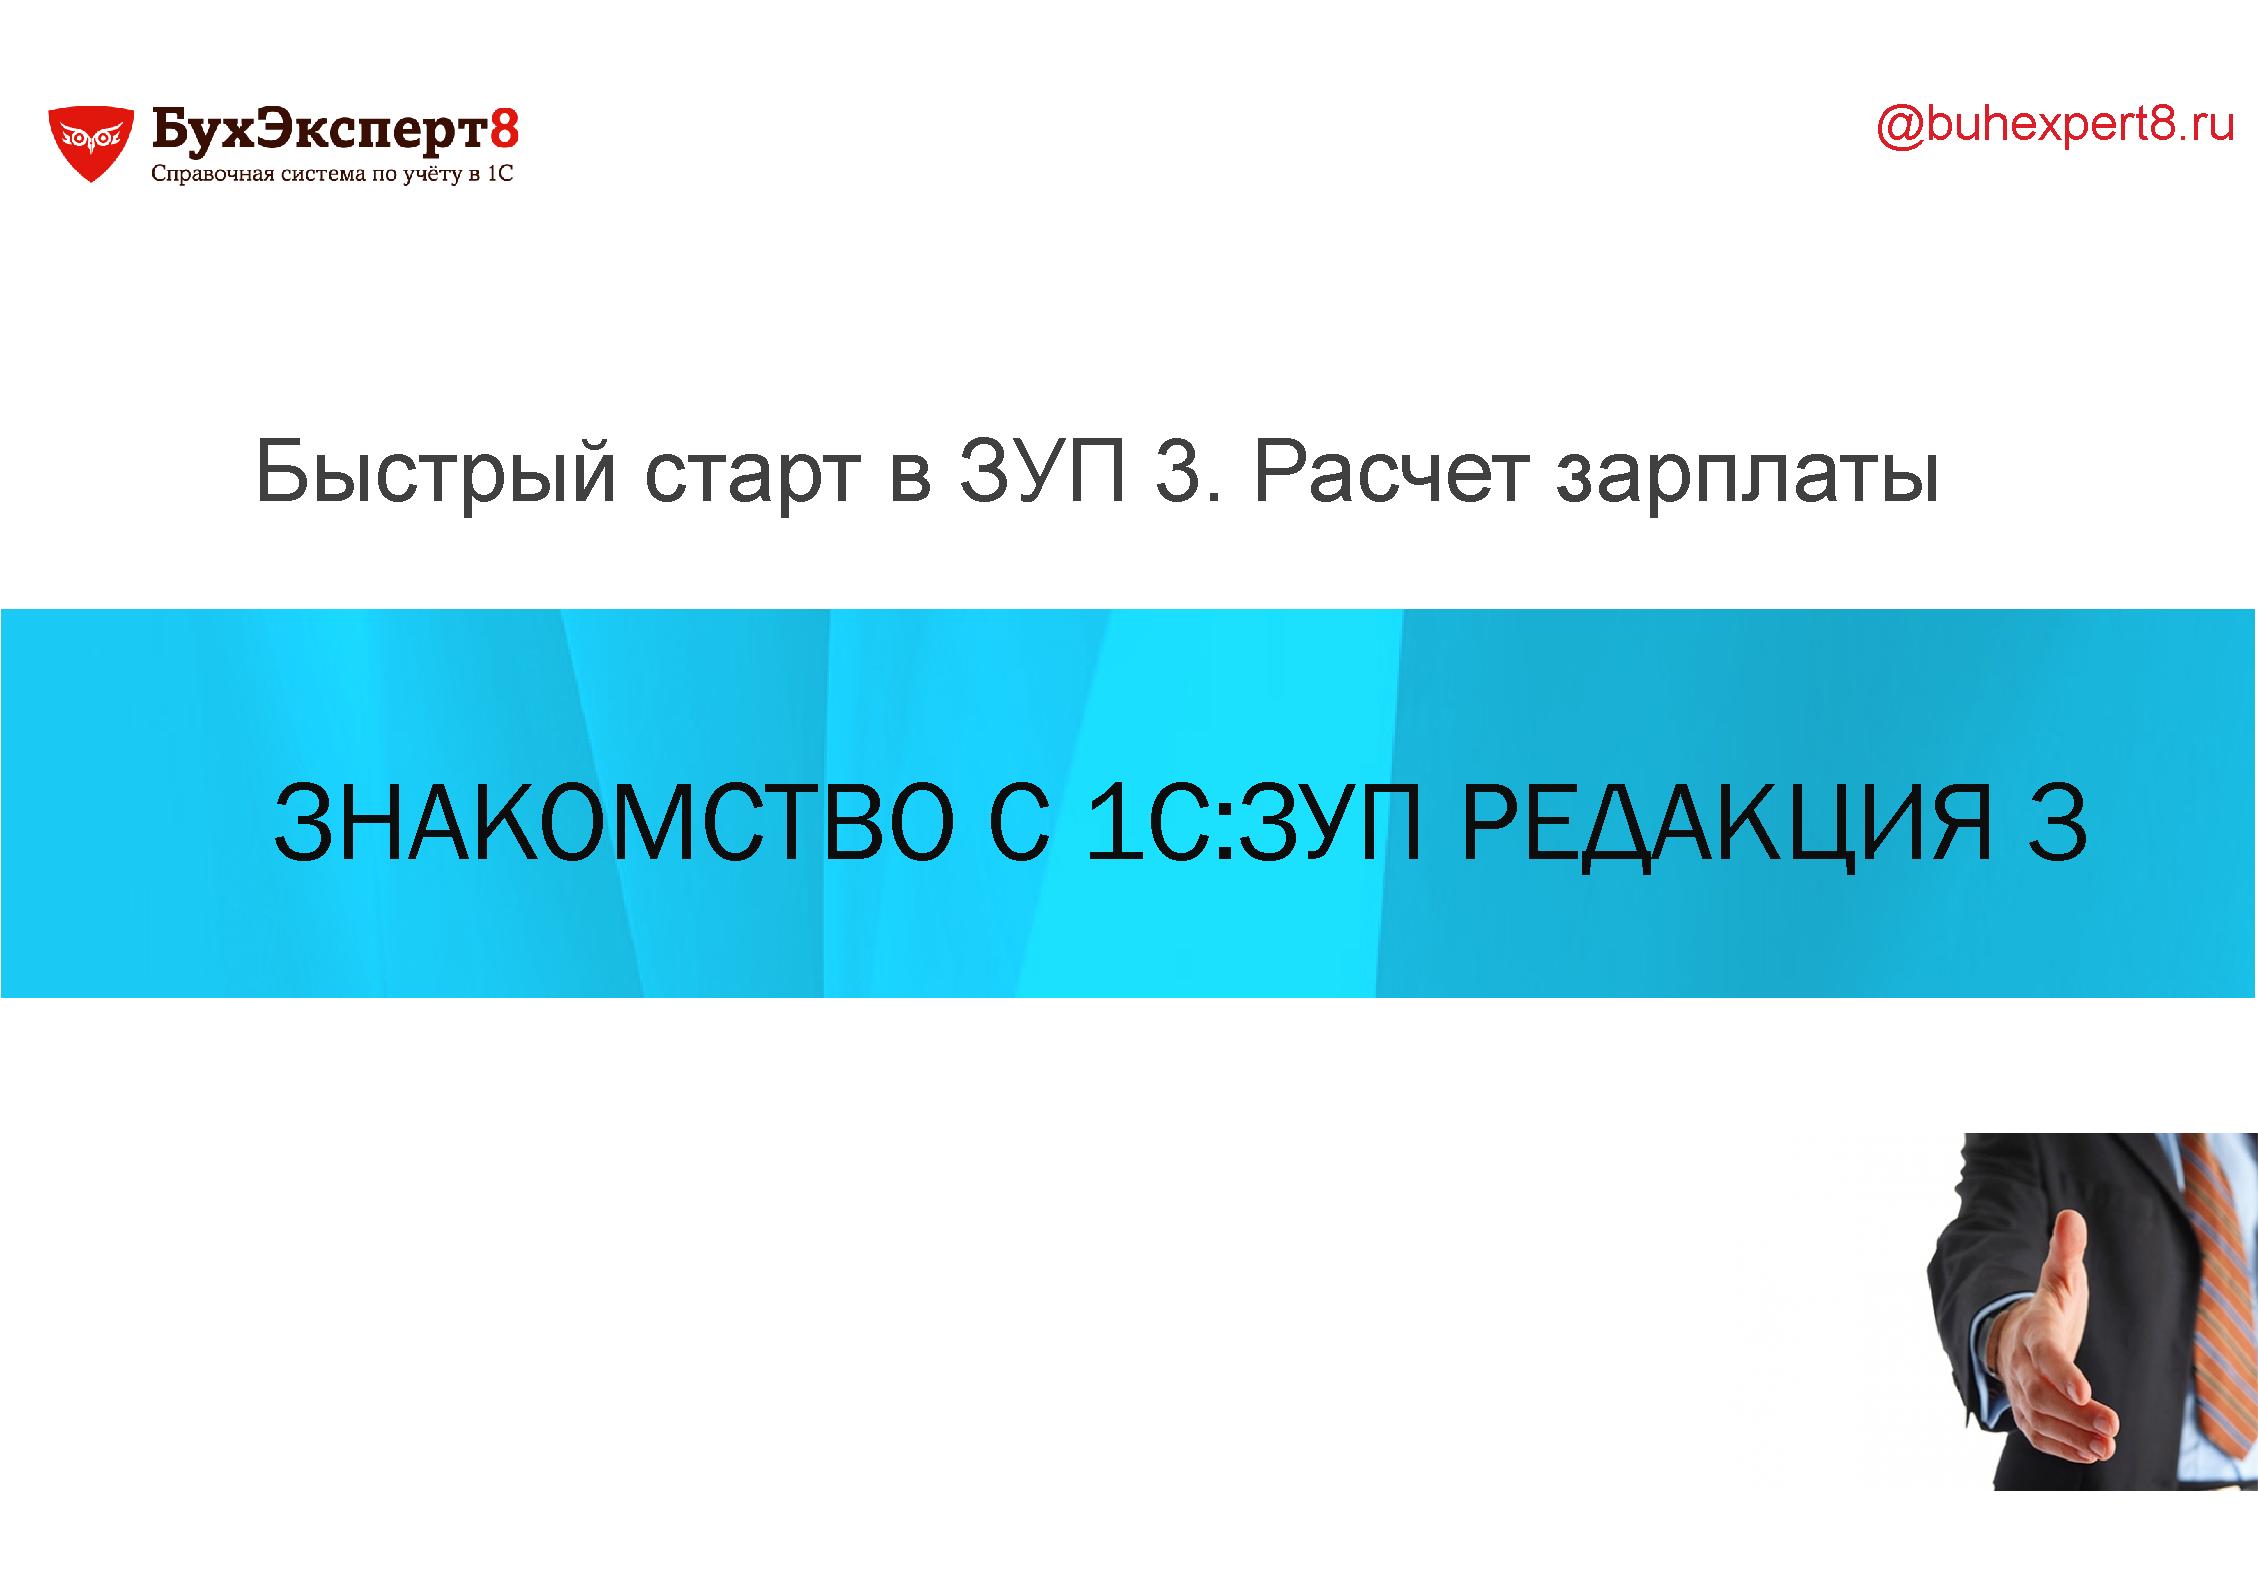 Быстрый старт в ЗУП 3. Расчет зарплаты Знакомство с 1С:ЗУП редакция 3